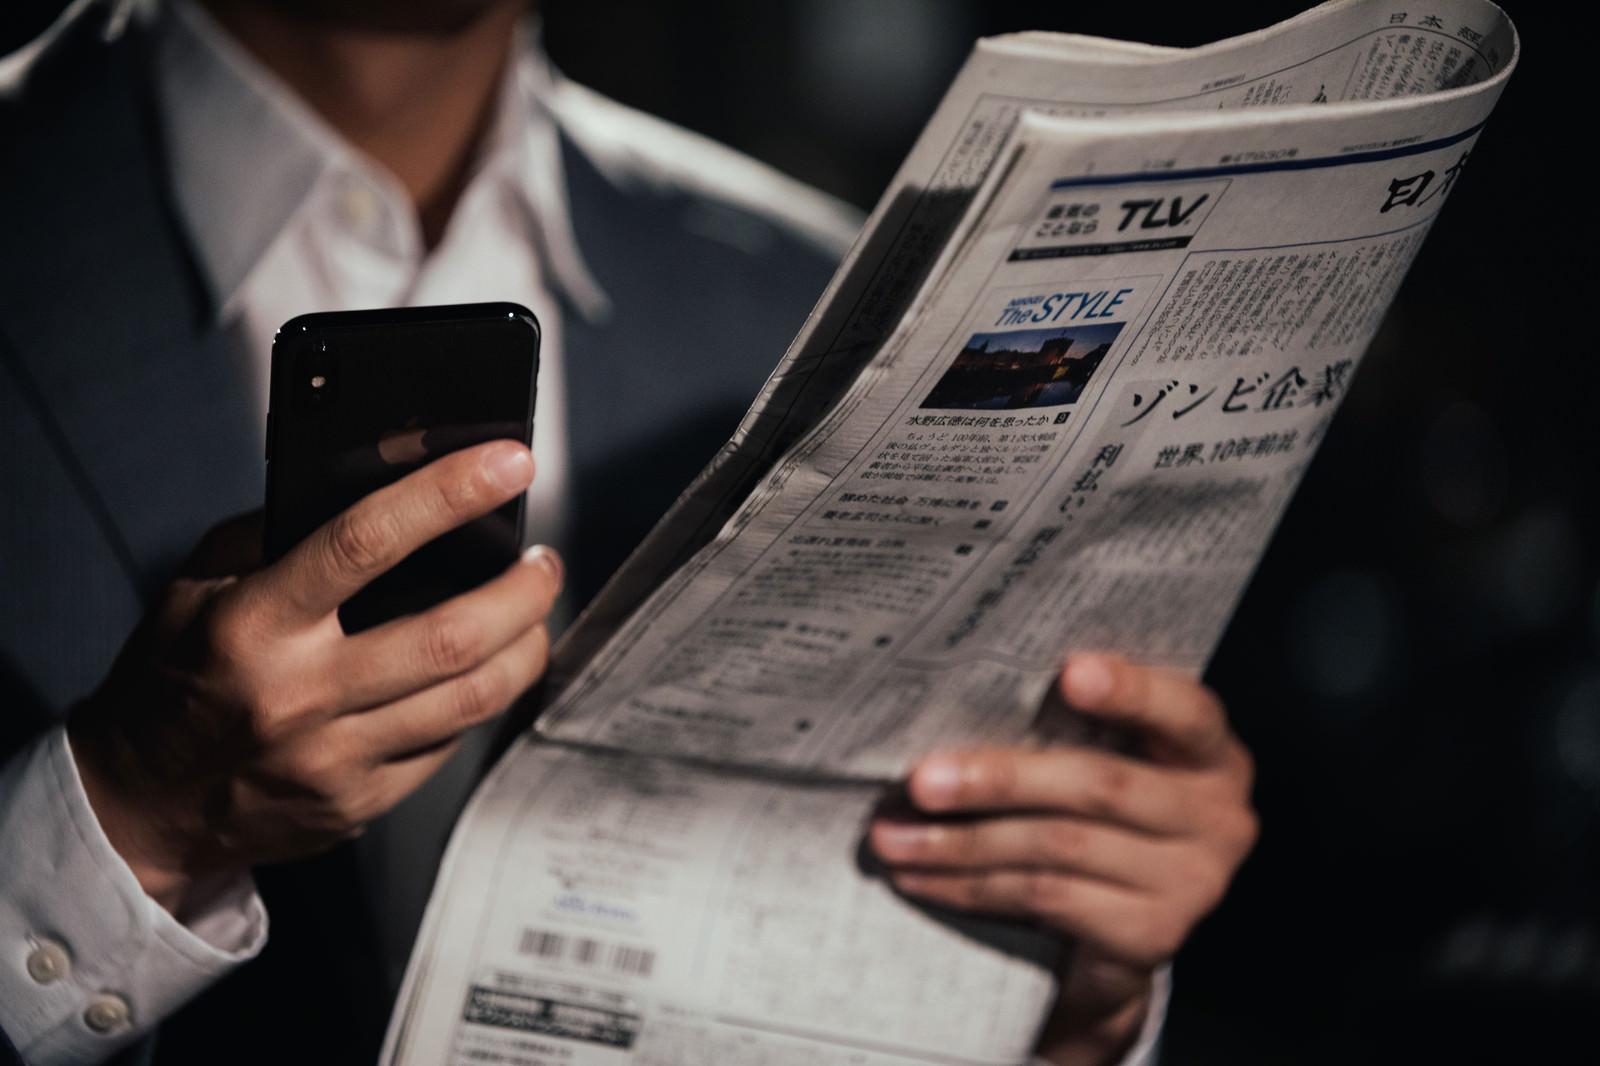 「紙面を読んで急いで検索するビジネスマン」の写真[モデル:大川竜弥]